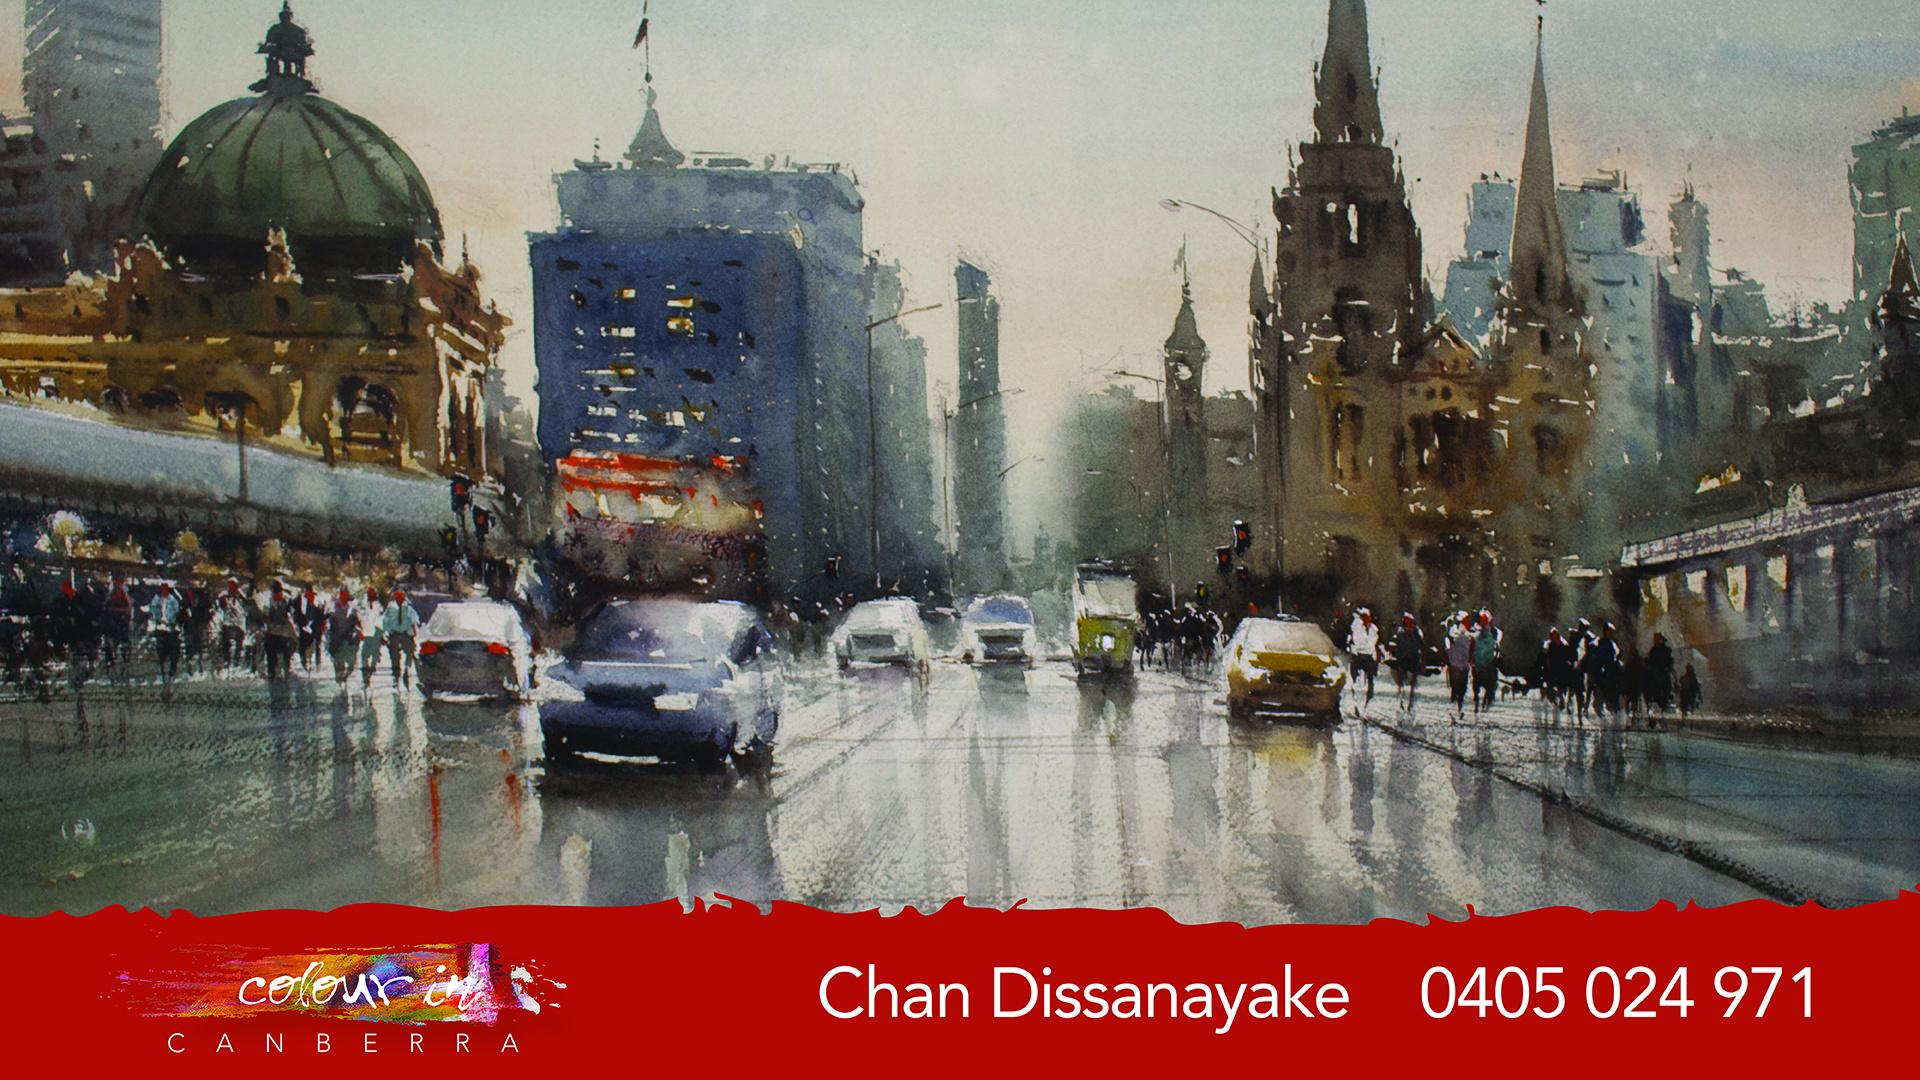 Chan Dissanayake